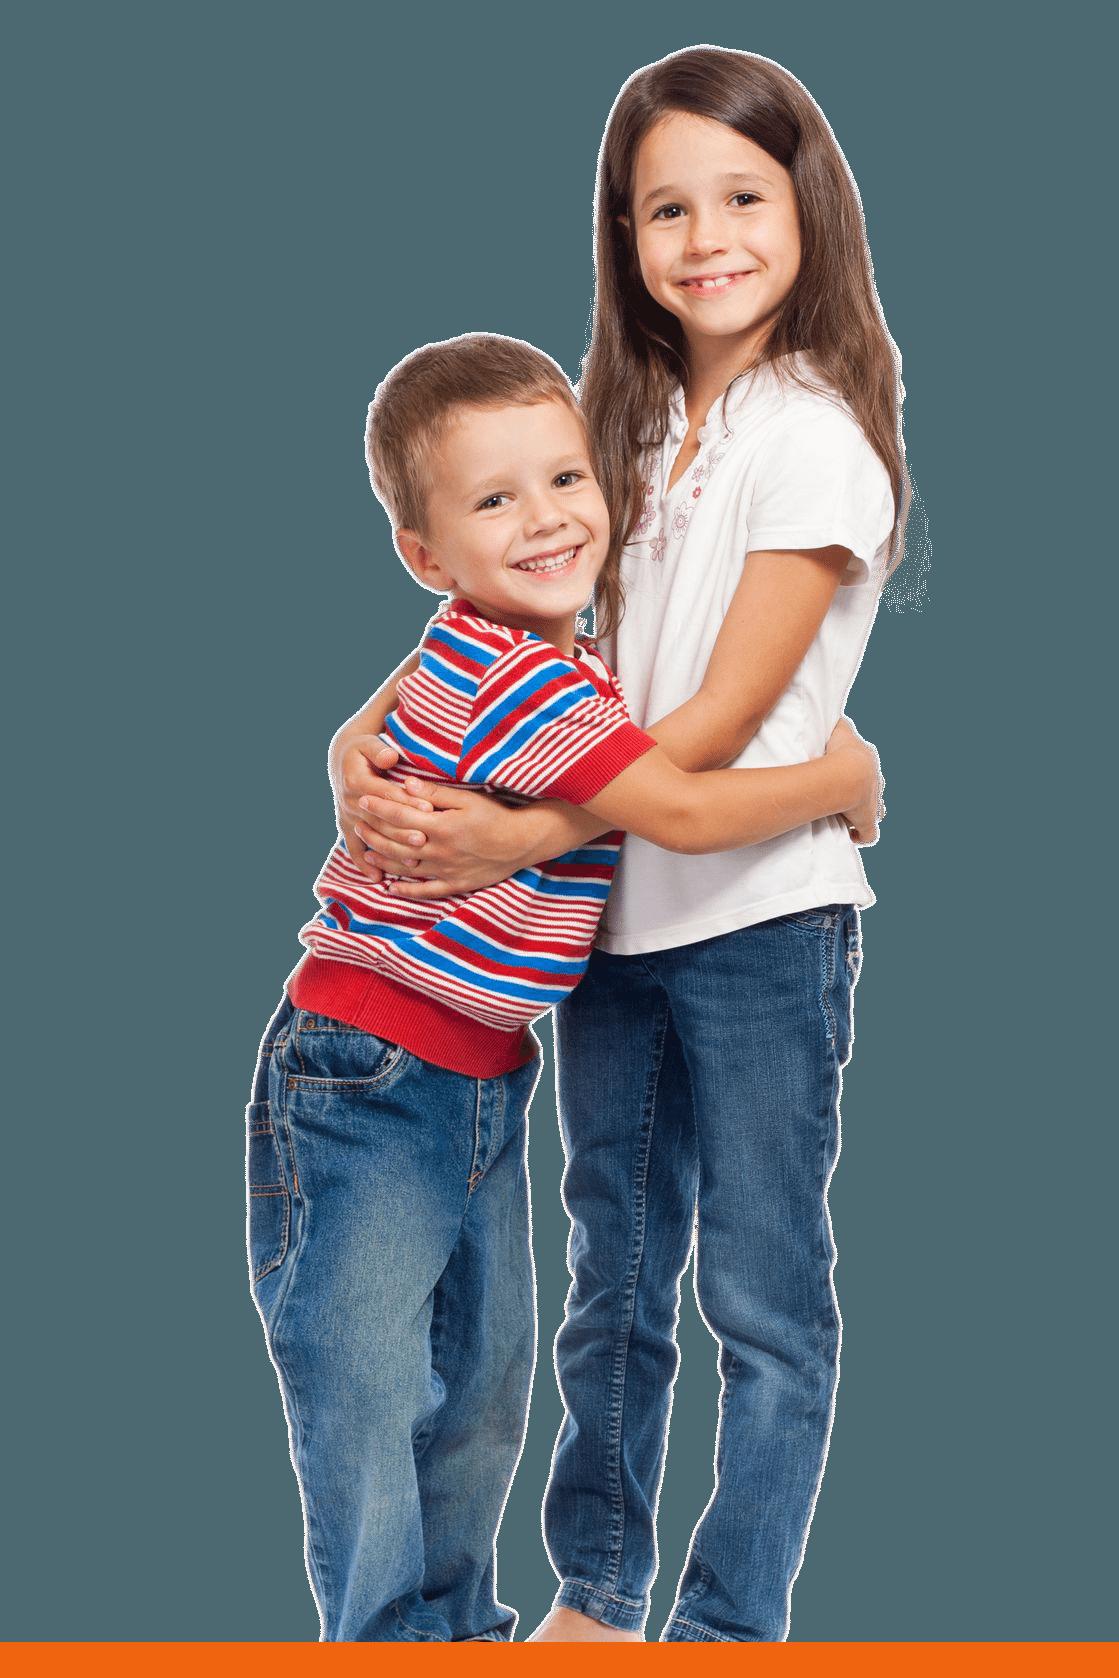 Enfants souriants qui se font une accolade